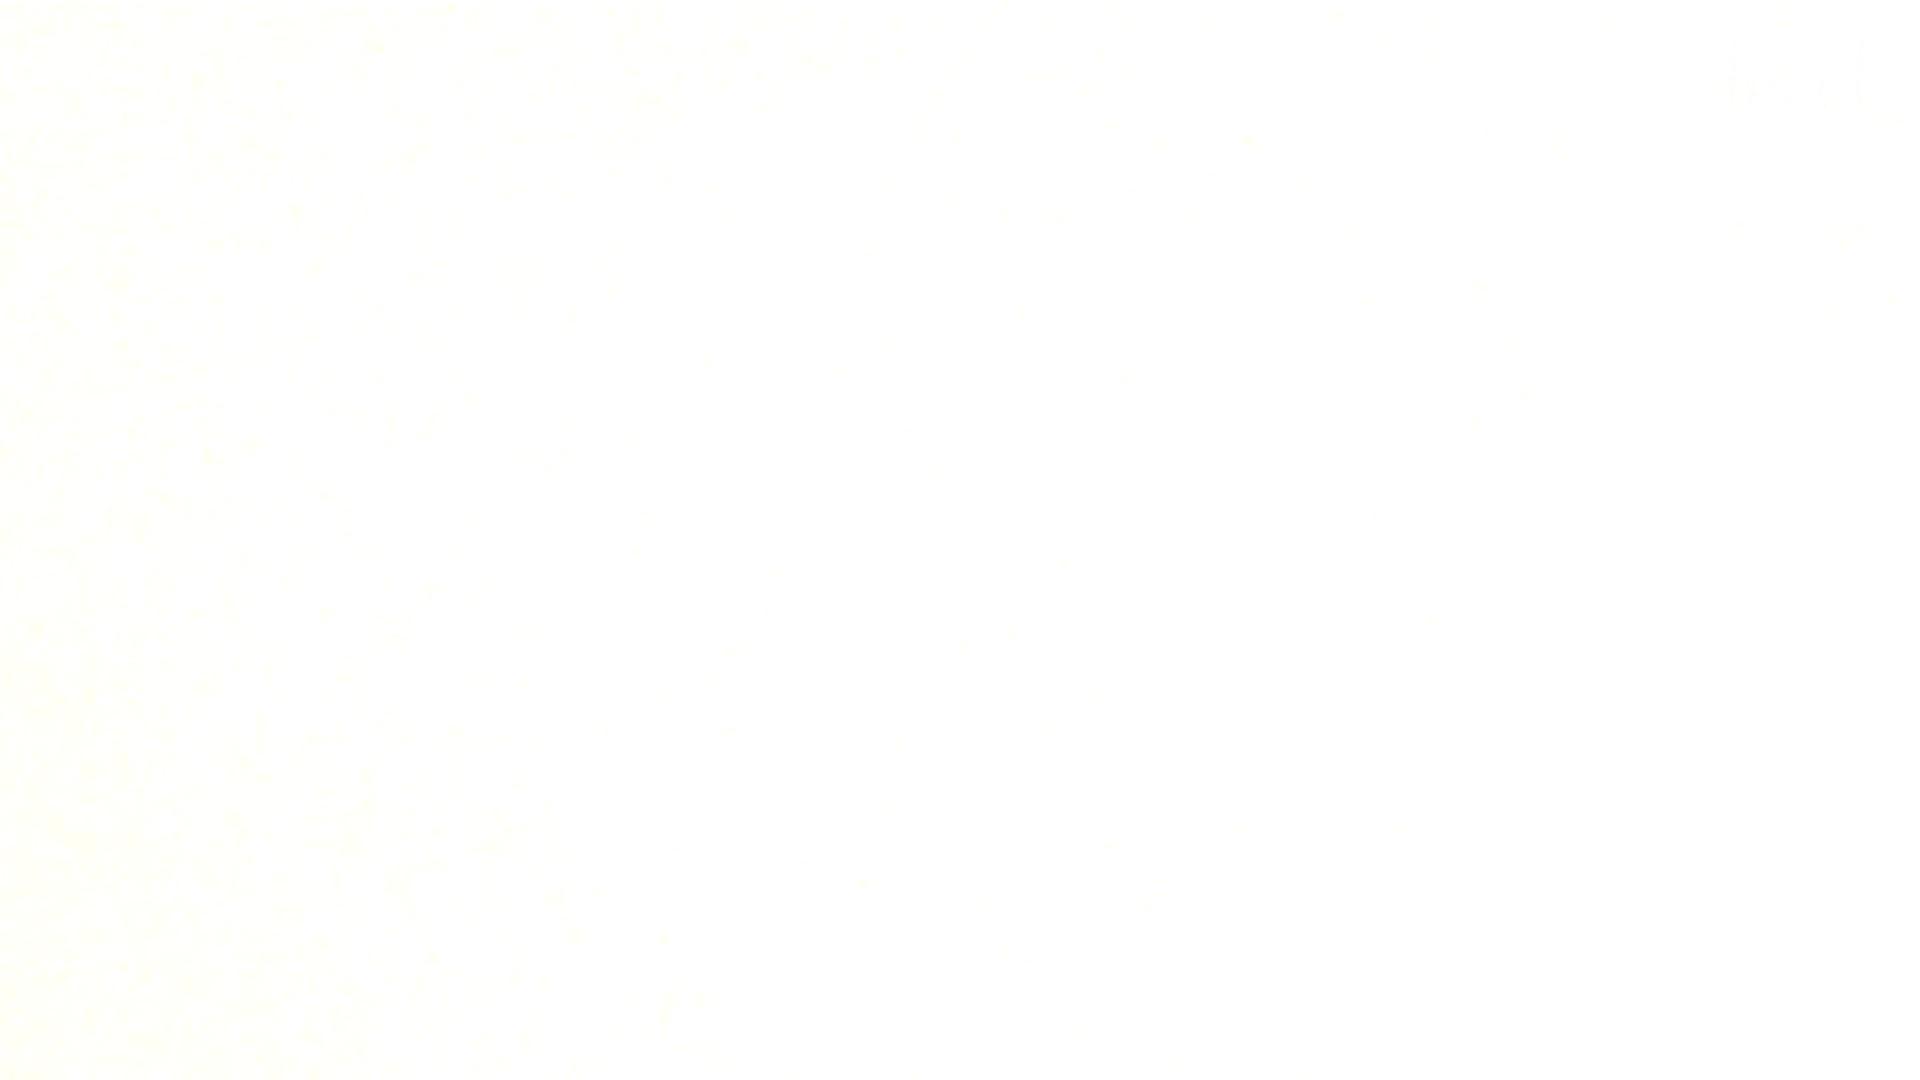 至高下半身盗撮-PREMIUM-【院内病棟編 】 vol.01 洗面所 隠し撮りオマンコ動画紹介 38PICs 14